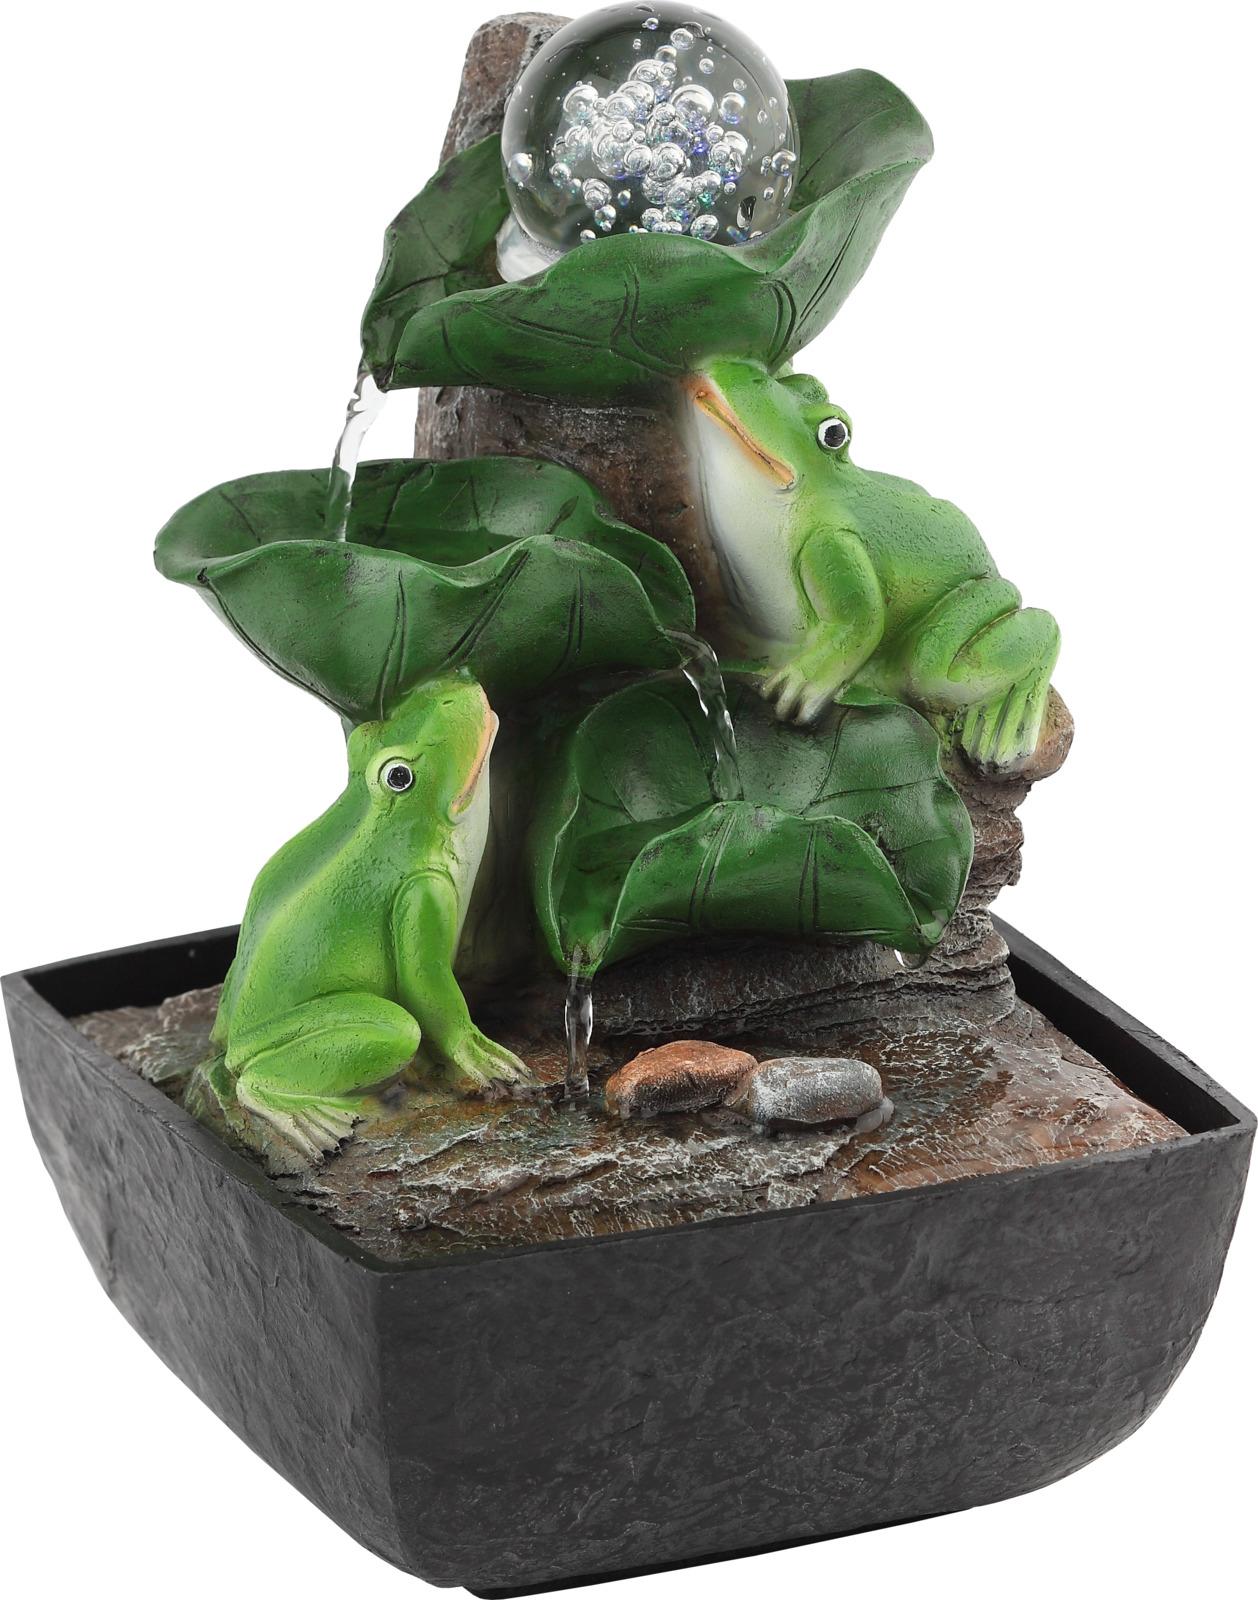 Домашний фонтан Green Apple Лягушки с шаром настольный, с подсветкой фонтан садовый green apple gwxf02930 чаша